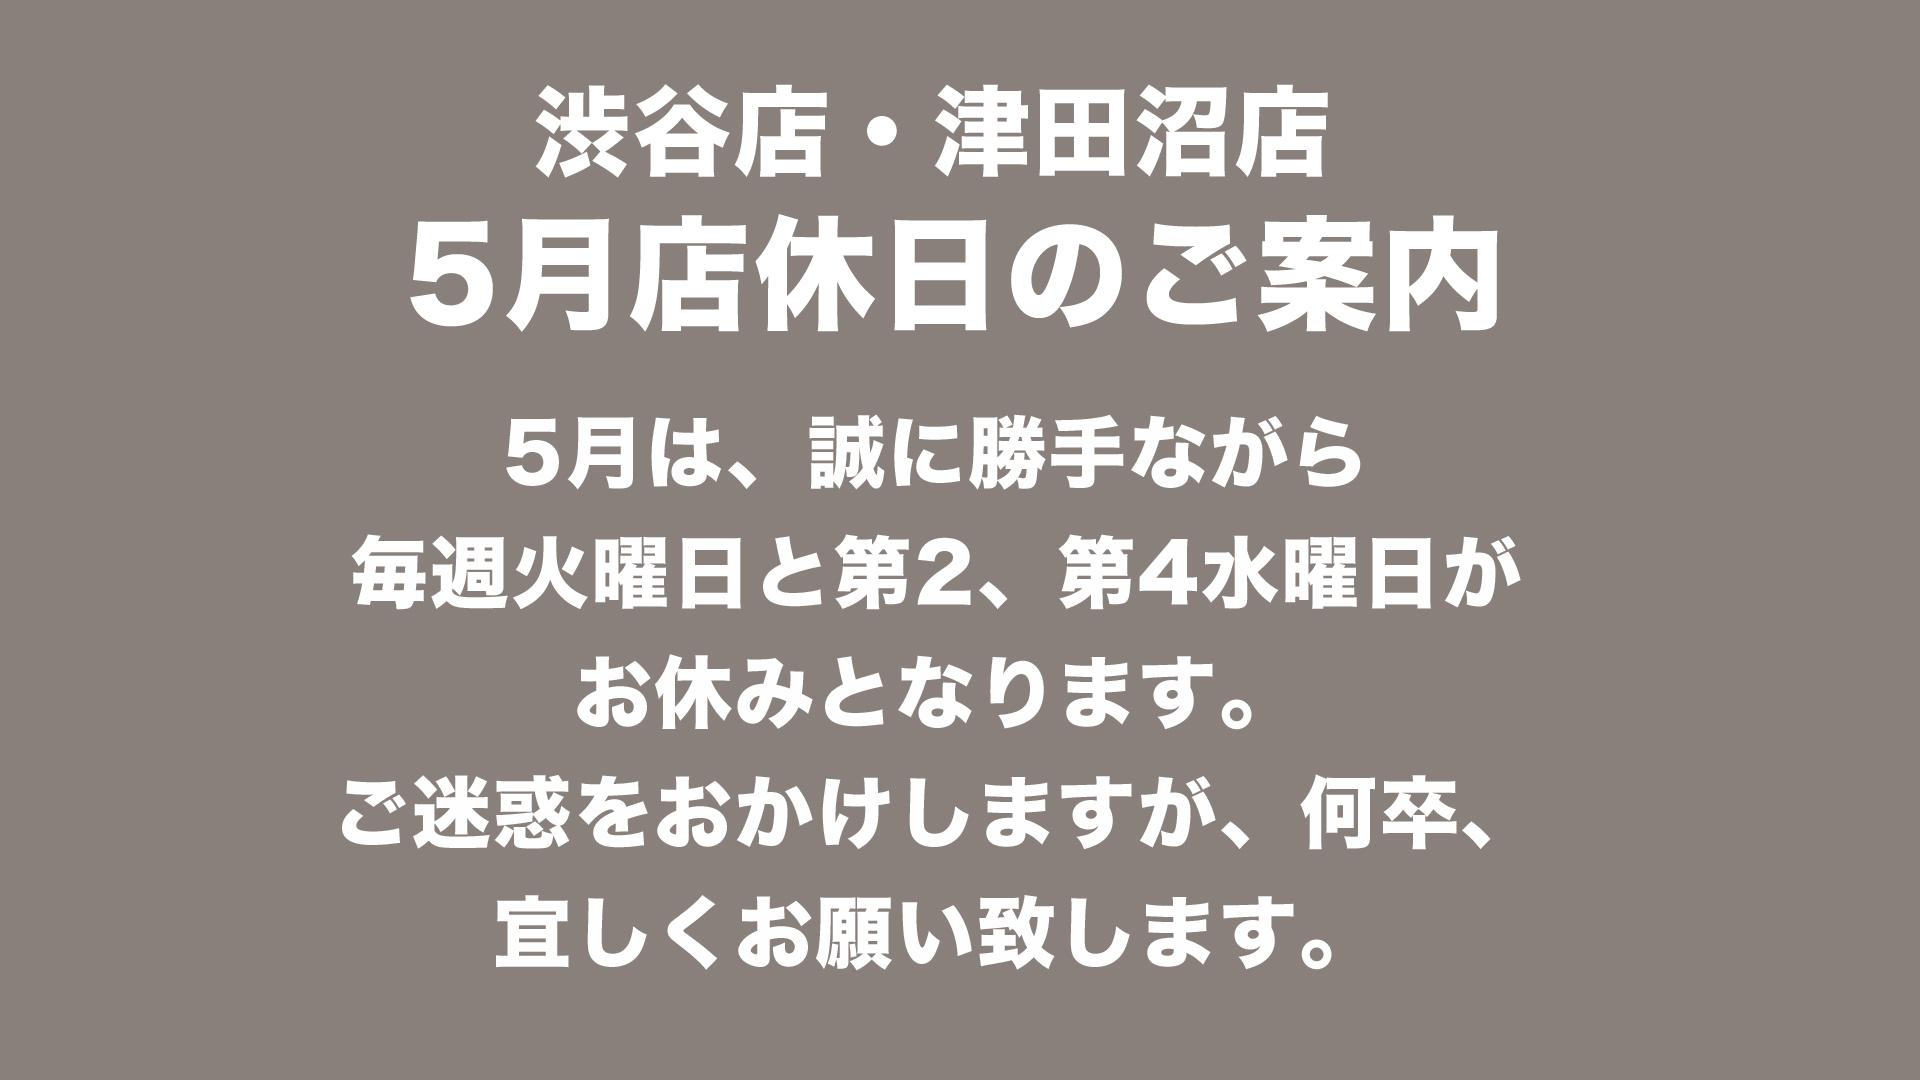 渋谷店・津田沼店 5月店休日のご案内